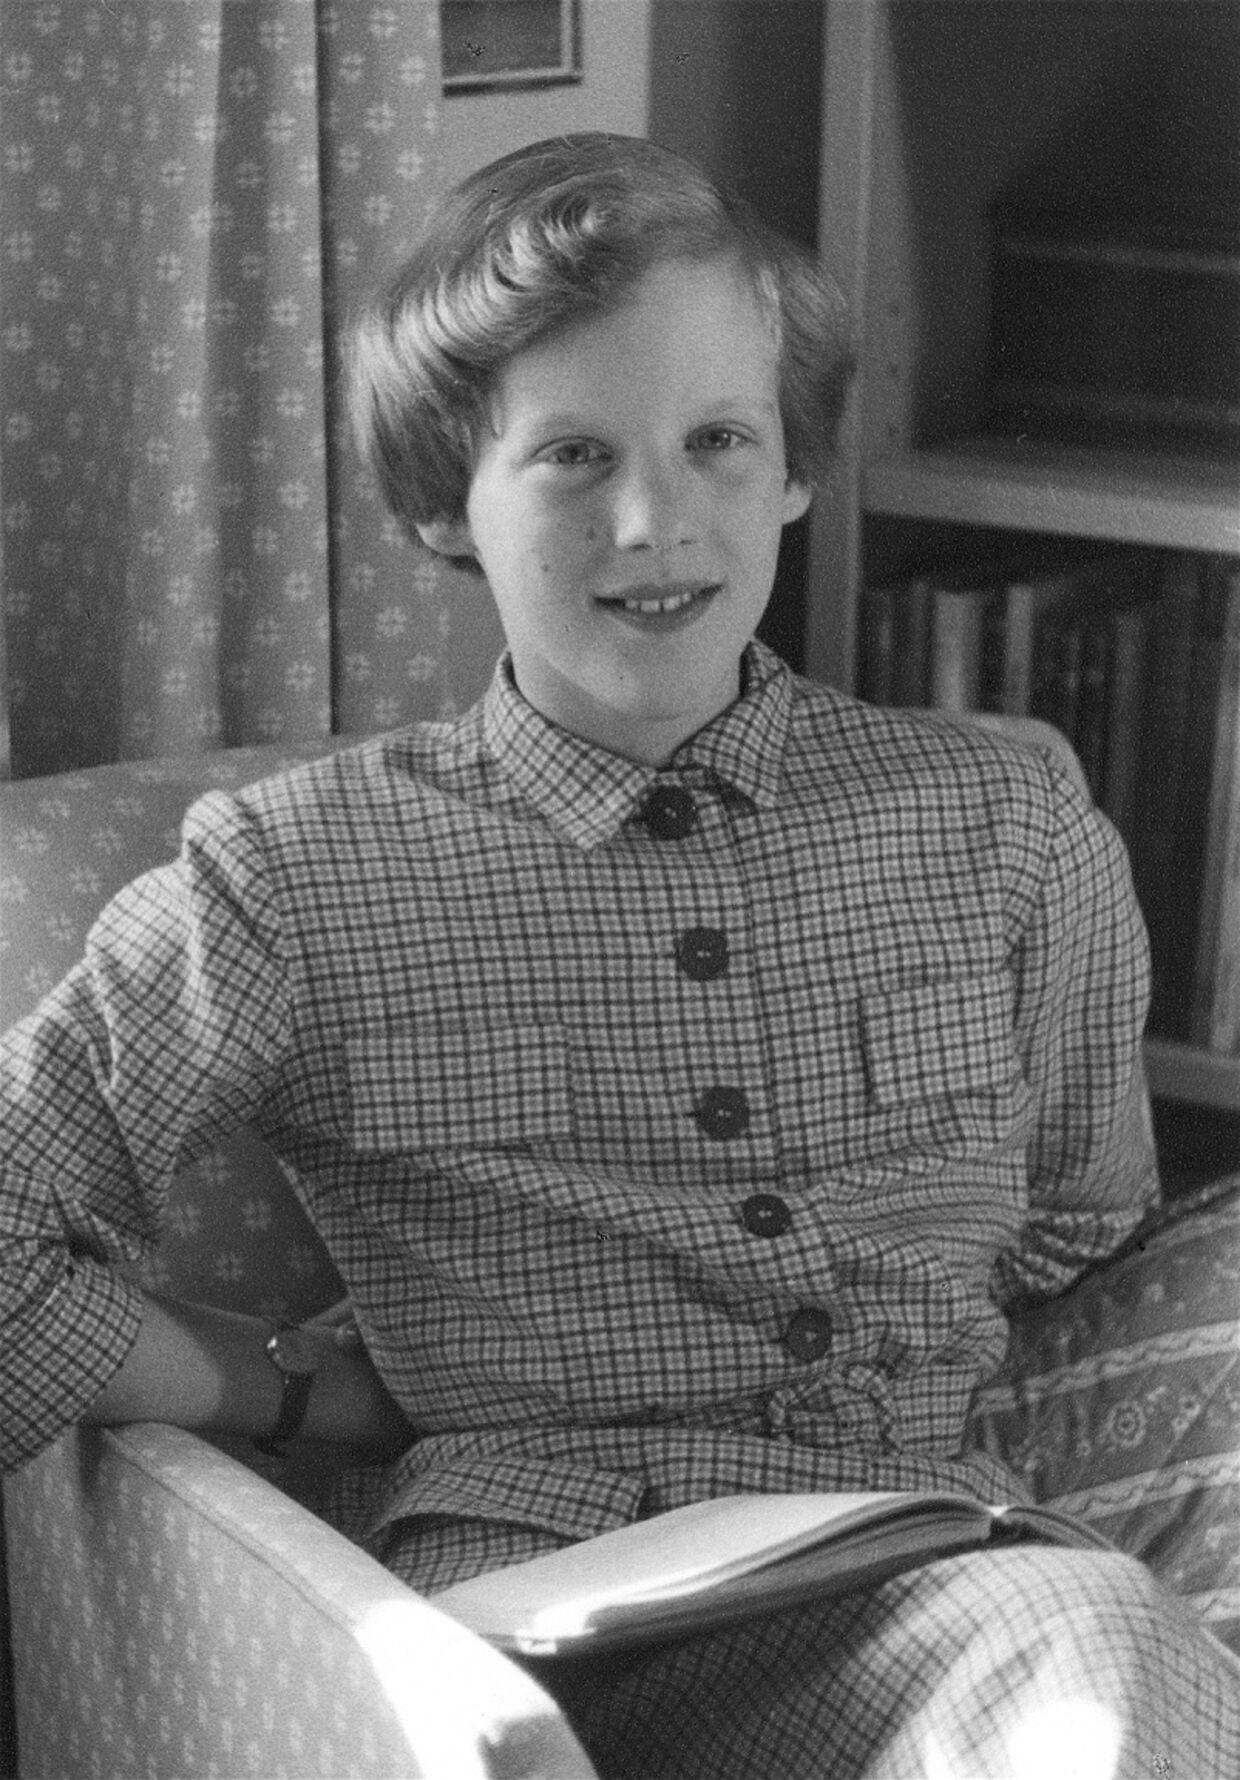 Dronning Margrethe blev ikke født til at arve tronene, men blev først arving til tronen, da Tronfølgeloven blev ændret, da hun var 13 år.